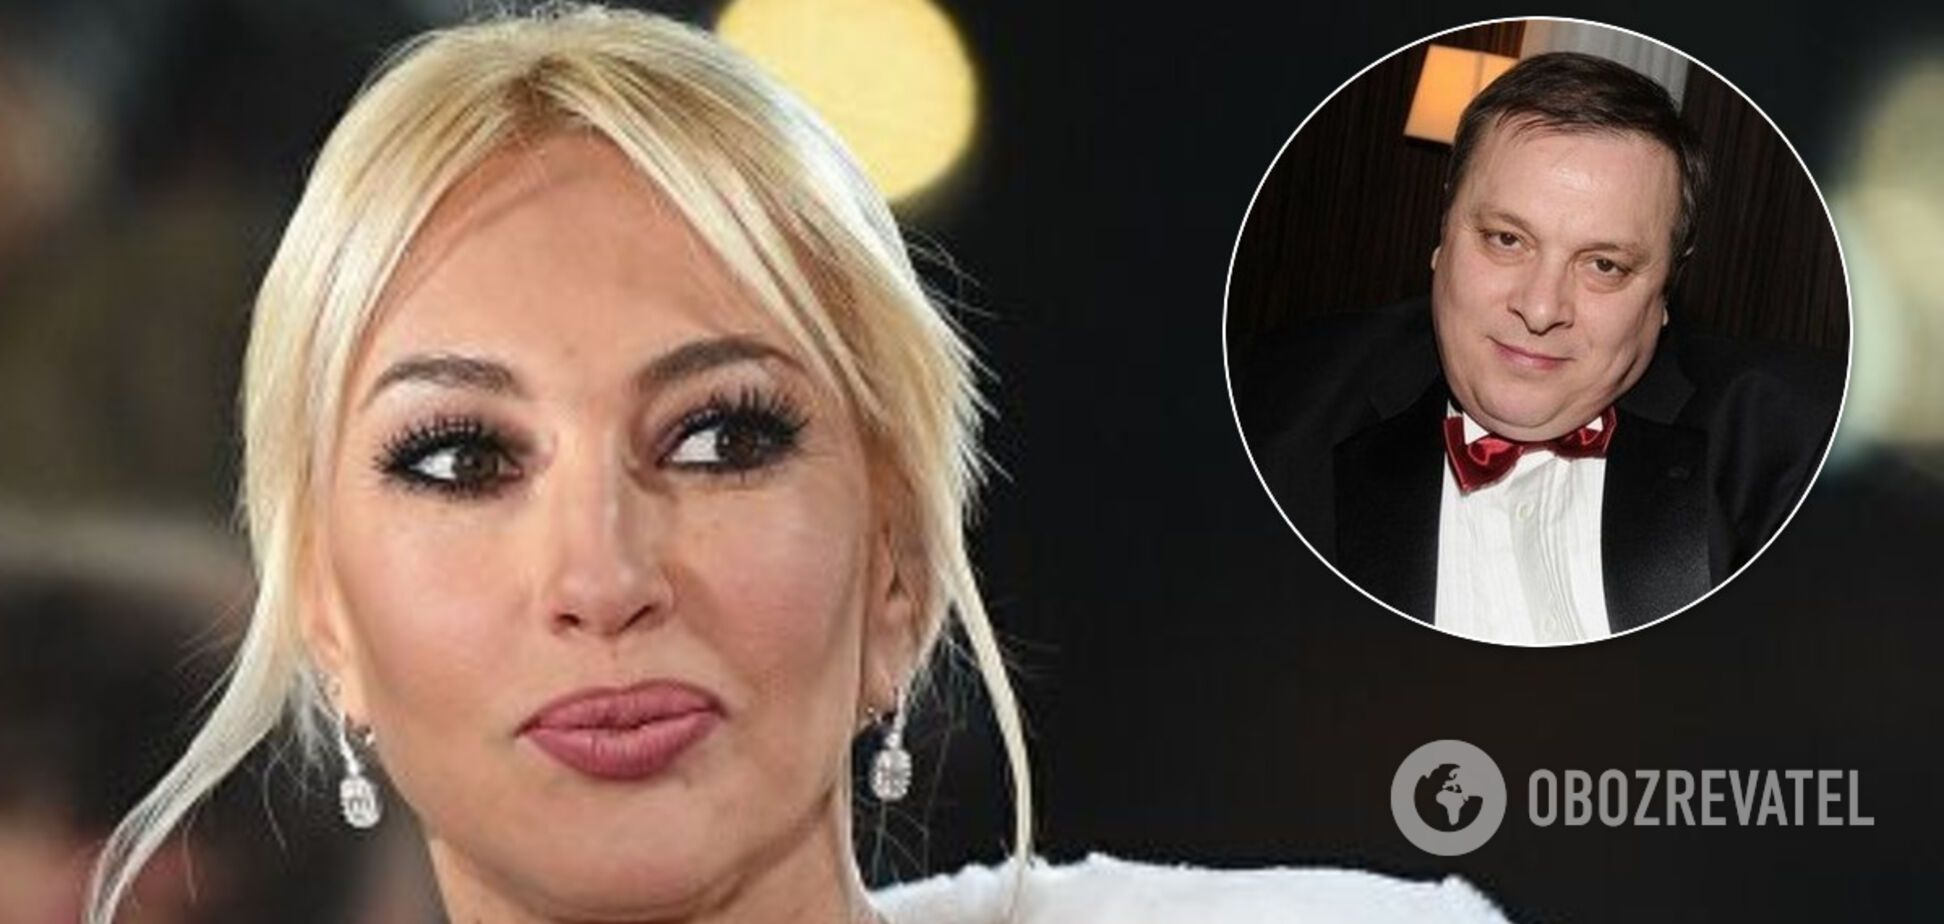 Требует миллионы: Кудрявцева подала в суд на скандального продюсера